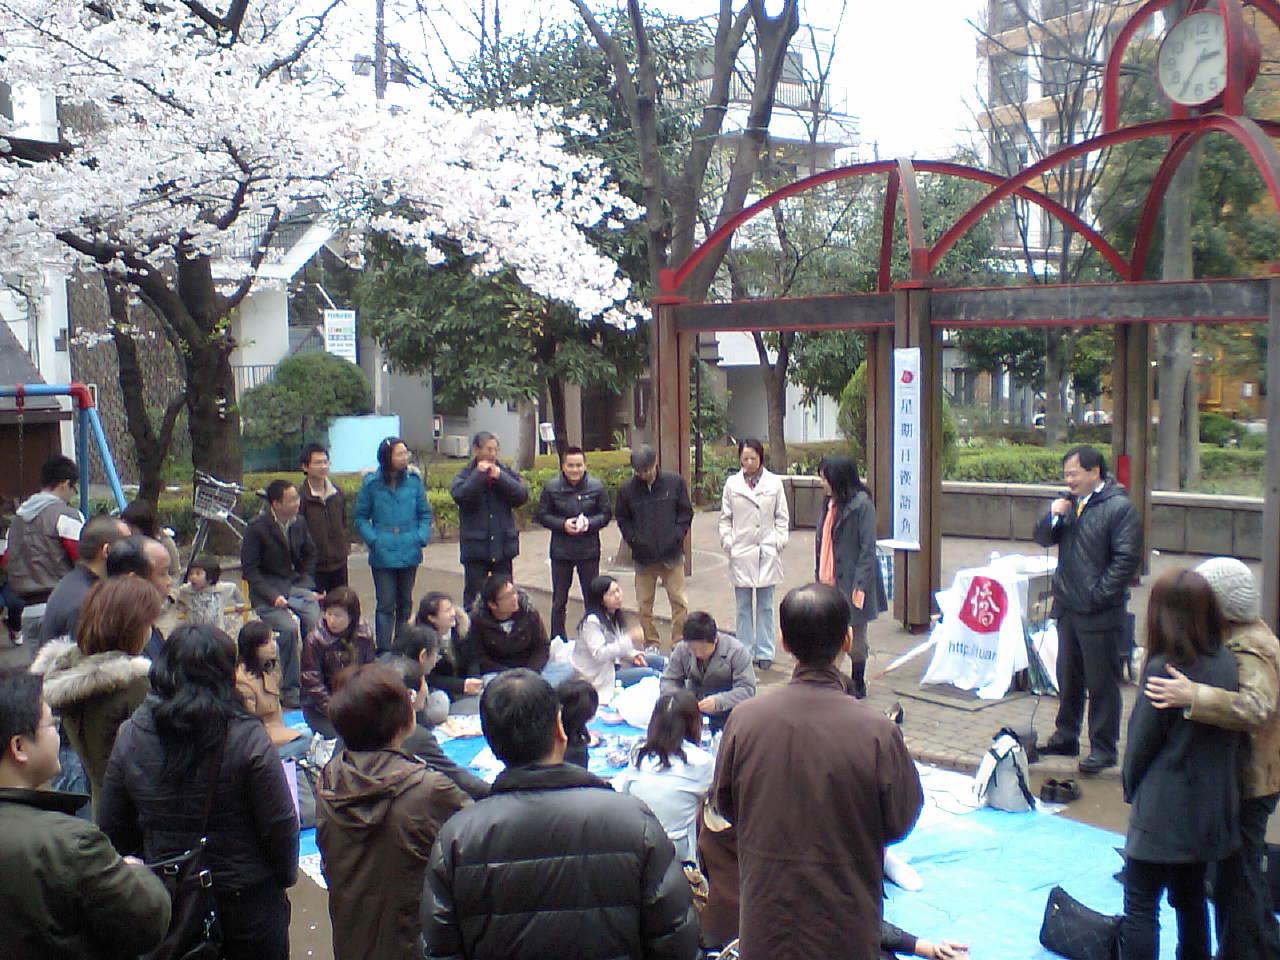 湖南人会主催の桜を見る会漢語角で開催写真その2_d0027795_14382374.jpg